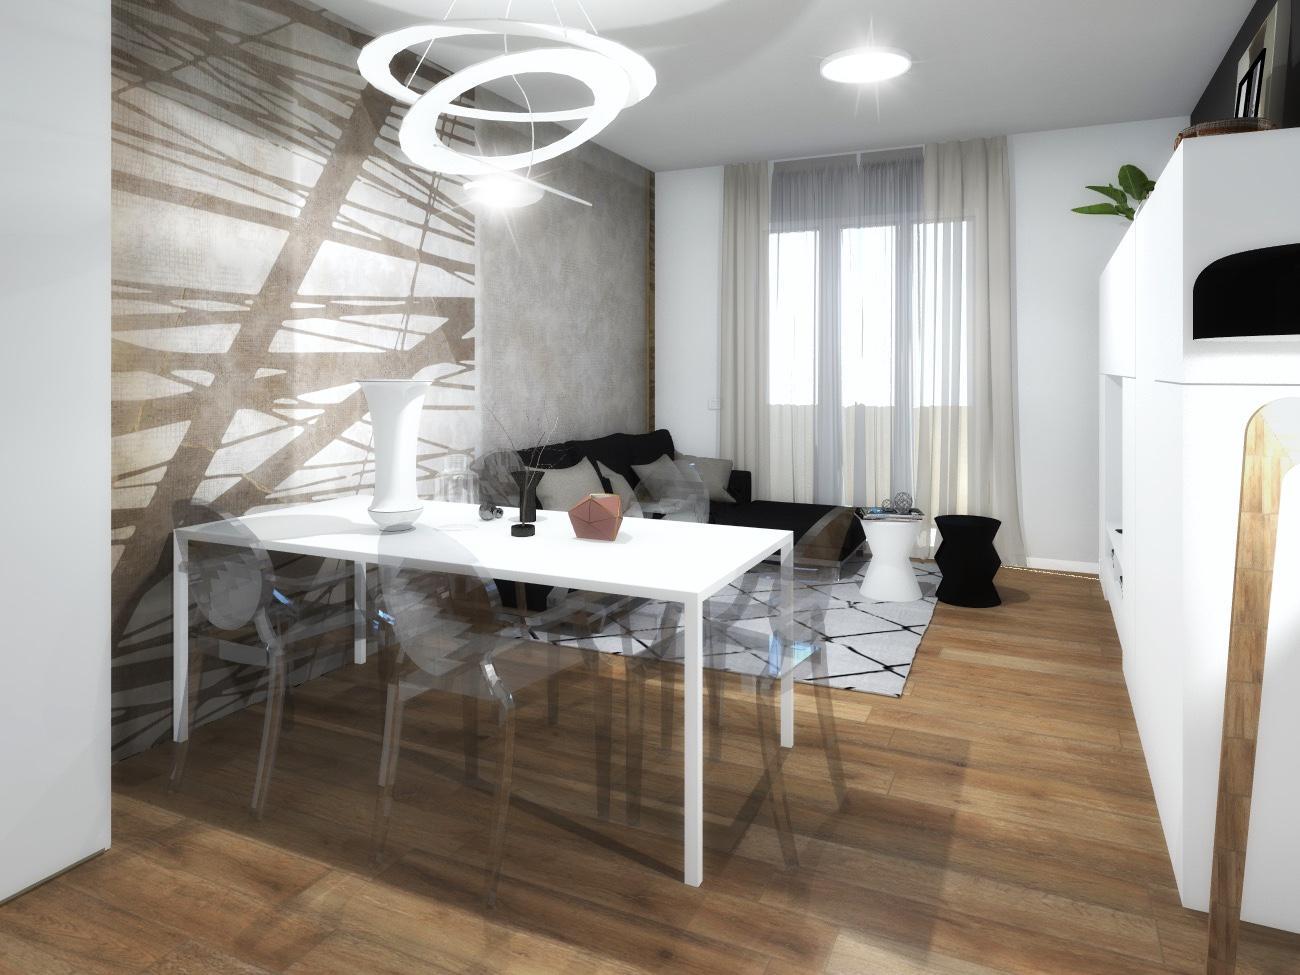 Posizione Divano E Tv come arredare la parete dietro tavolo e divano, definendo le